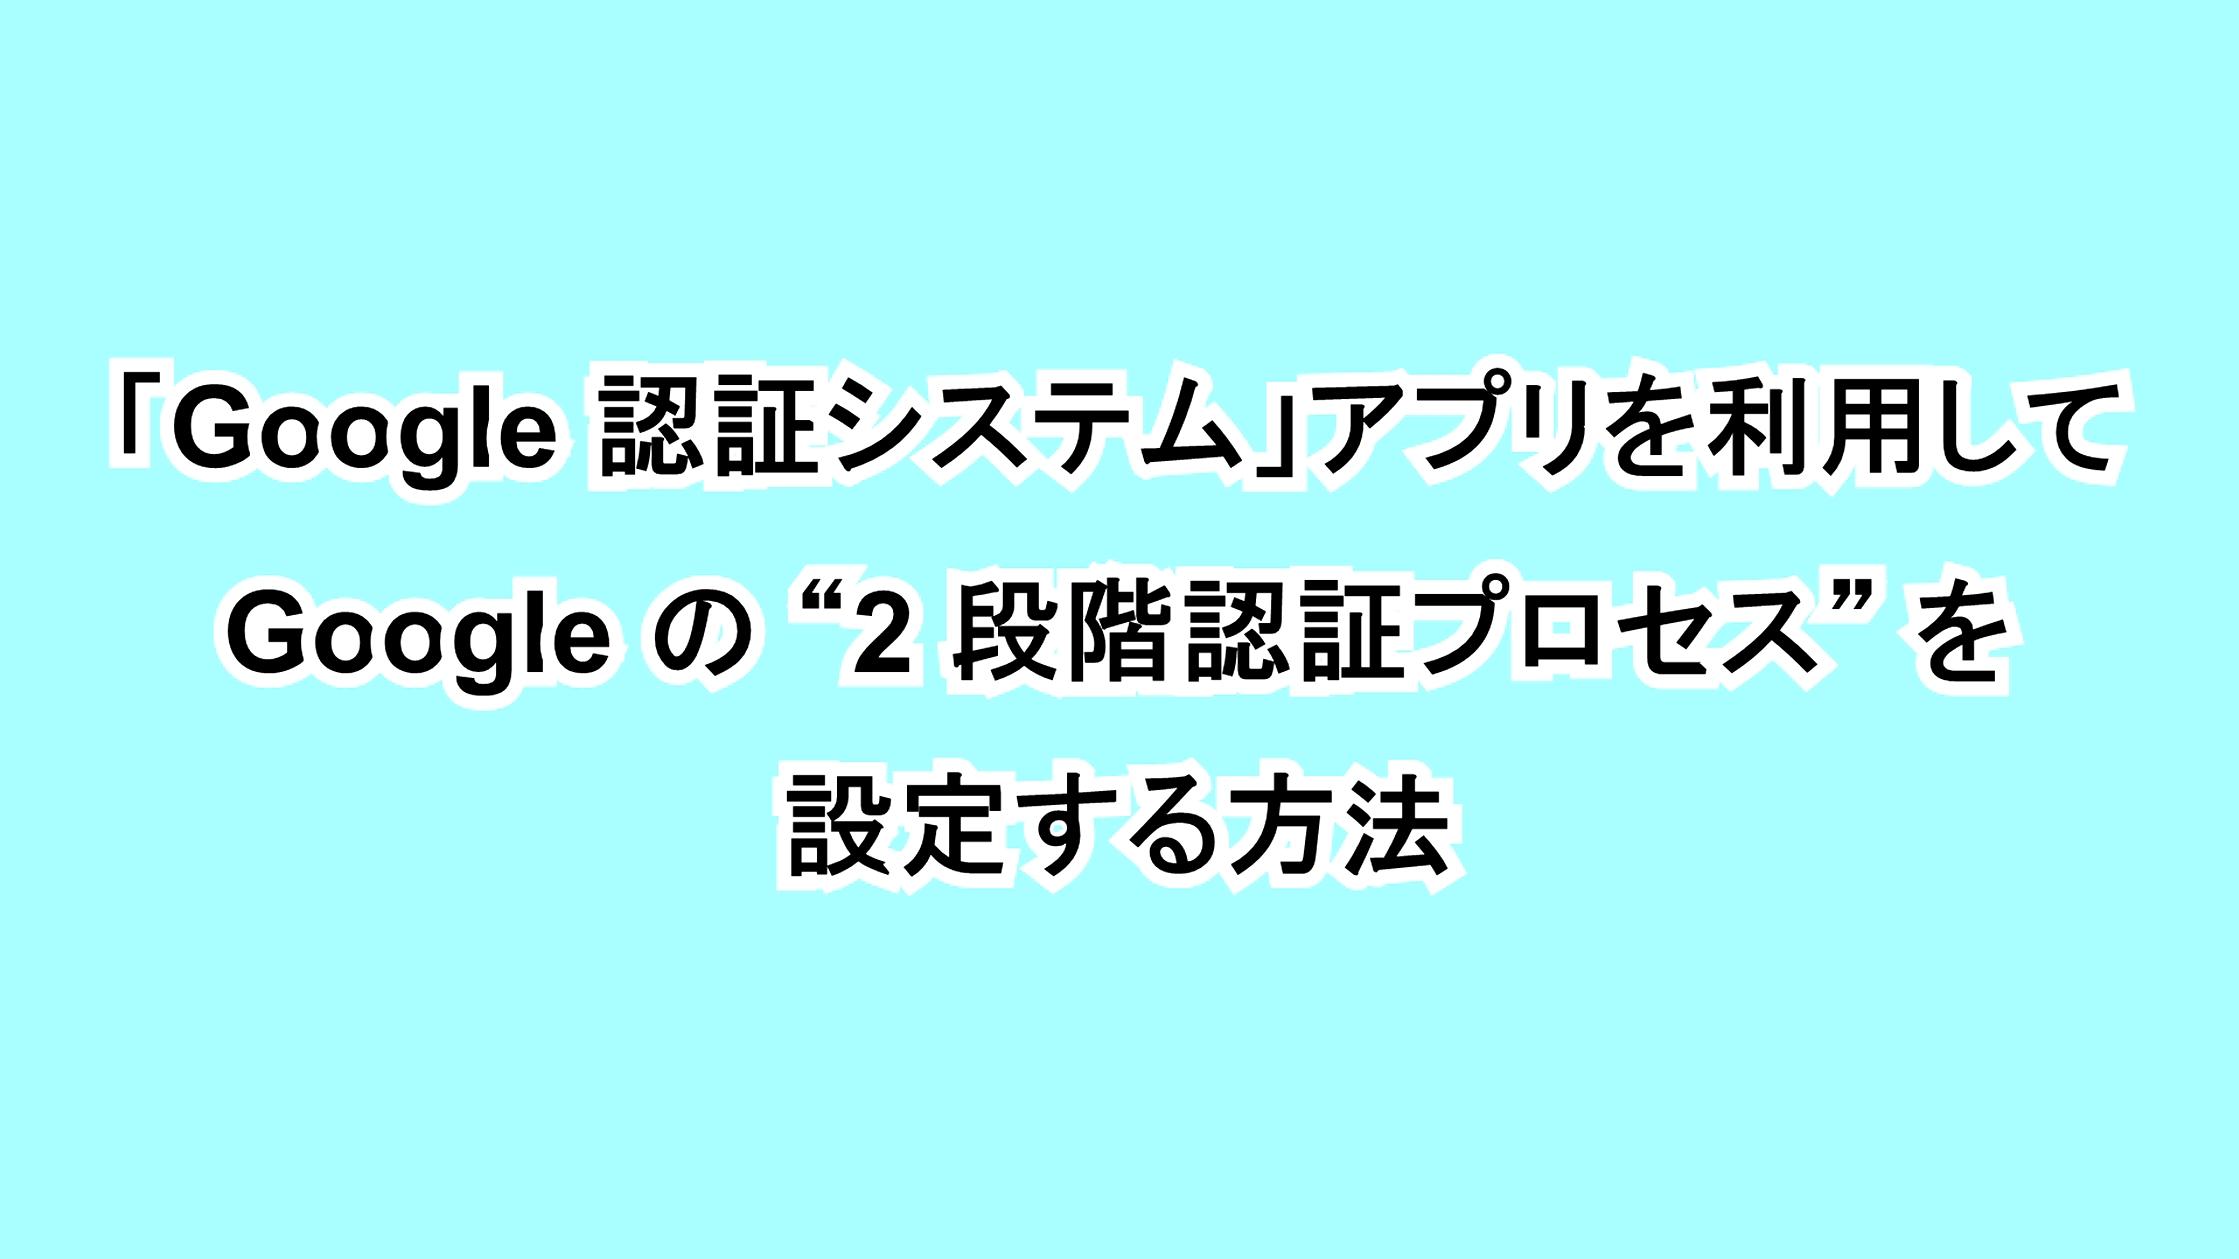 """「Google 認証システム」アプリを利用して Google の""""2 段階認証プロセス""""を設定する方法"""